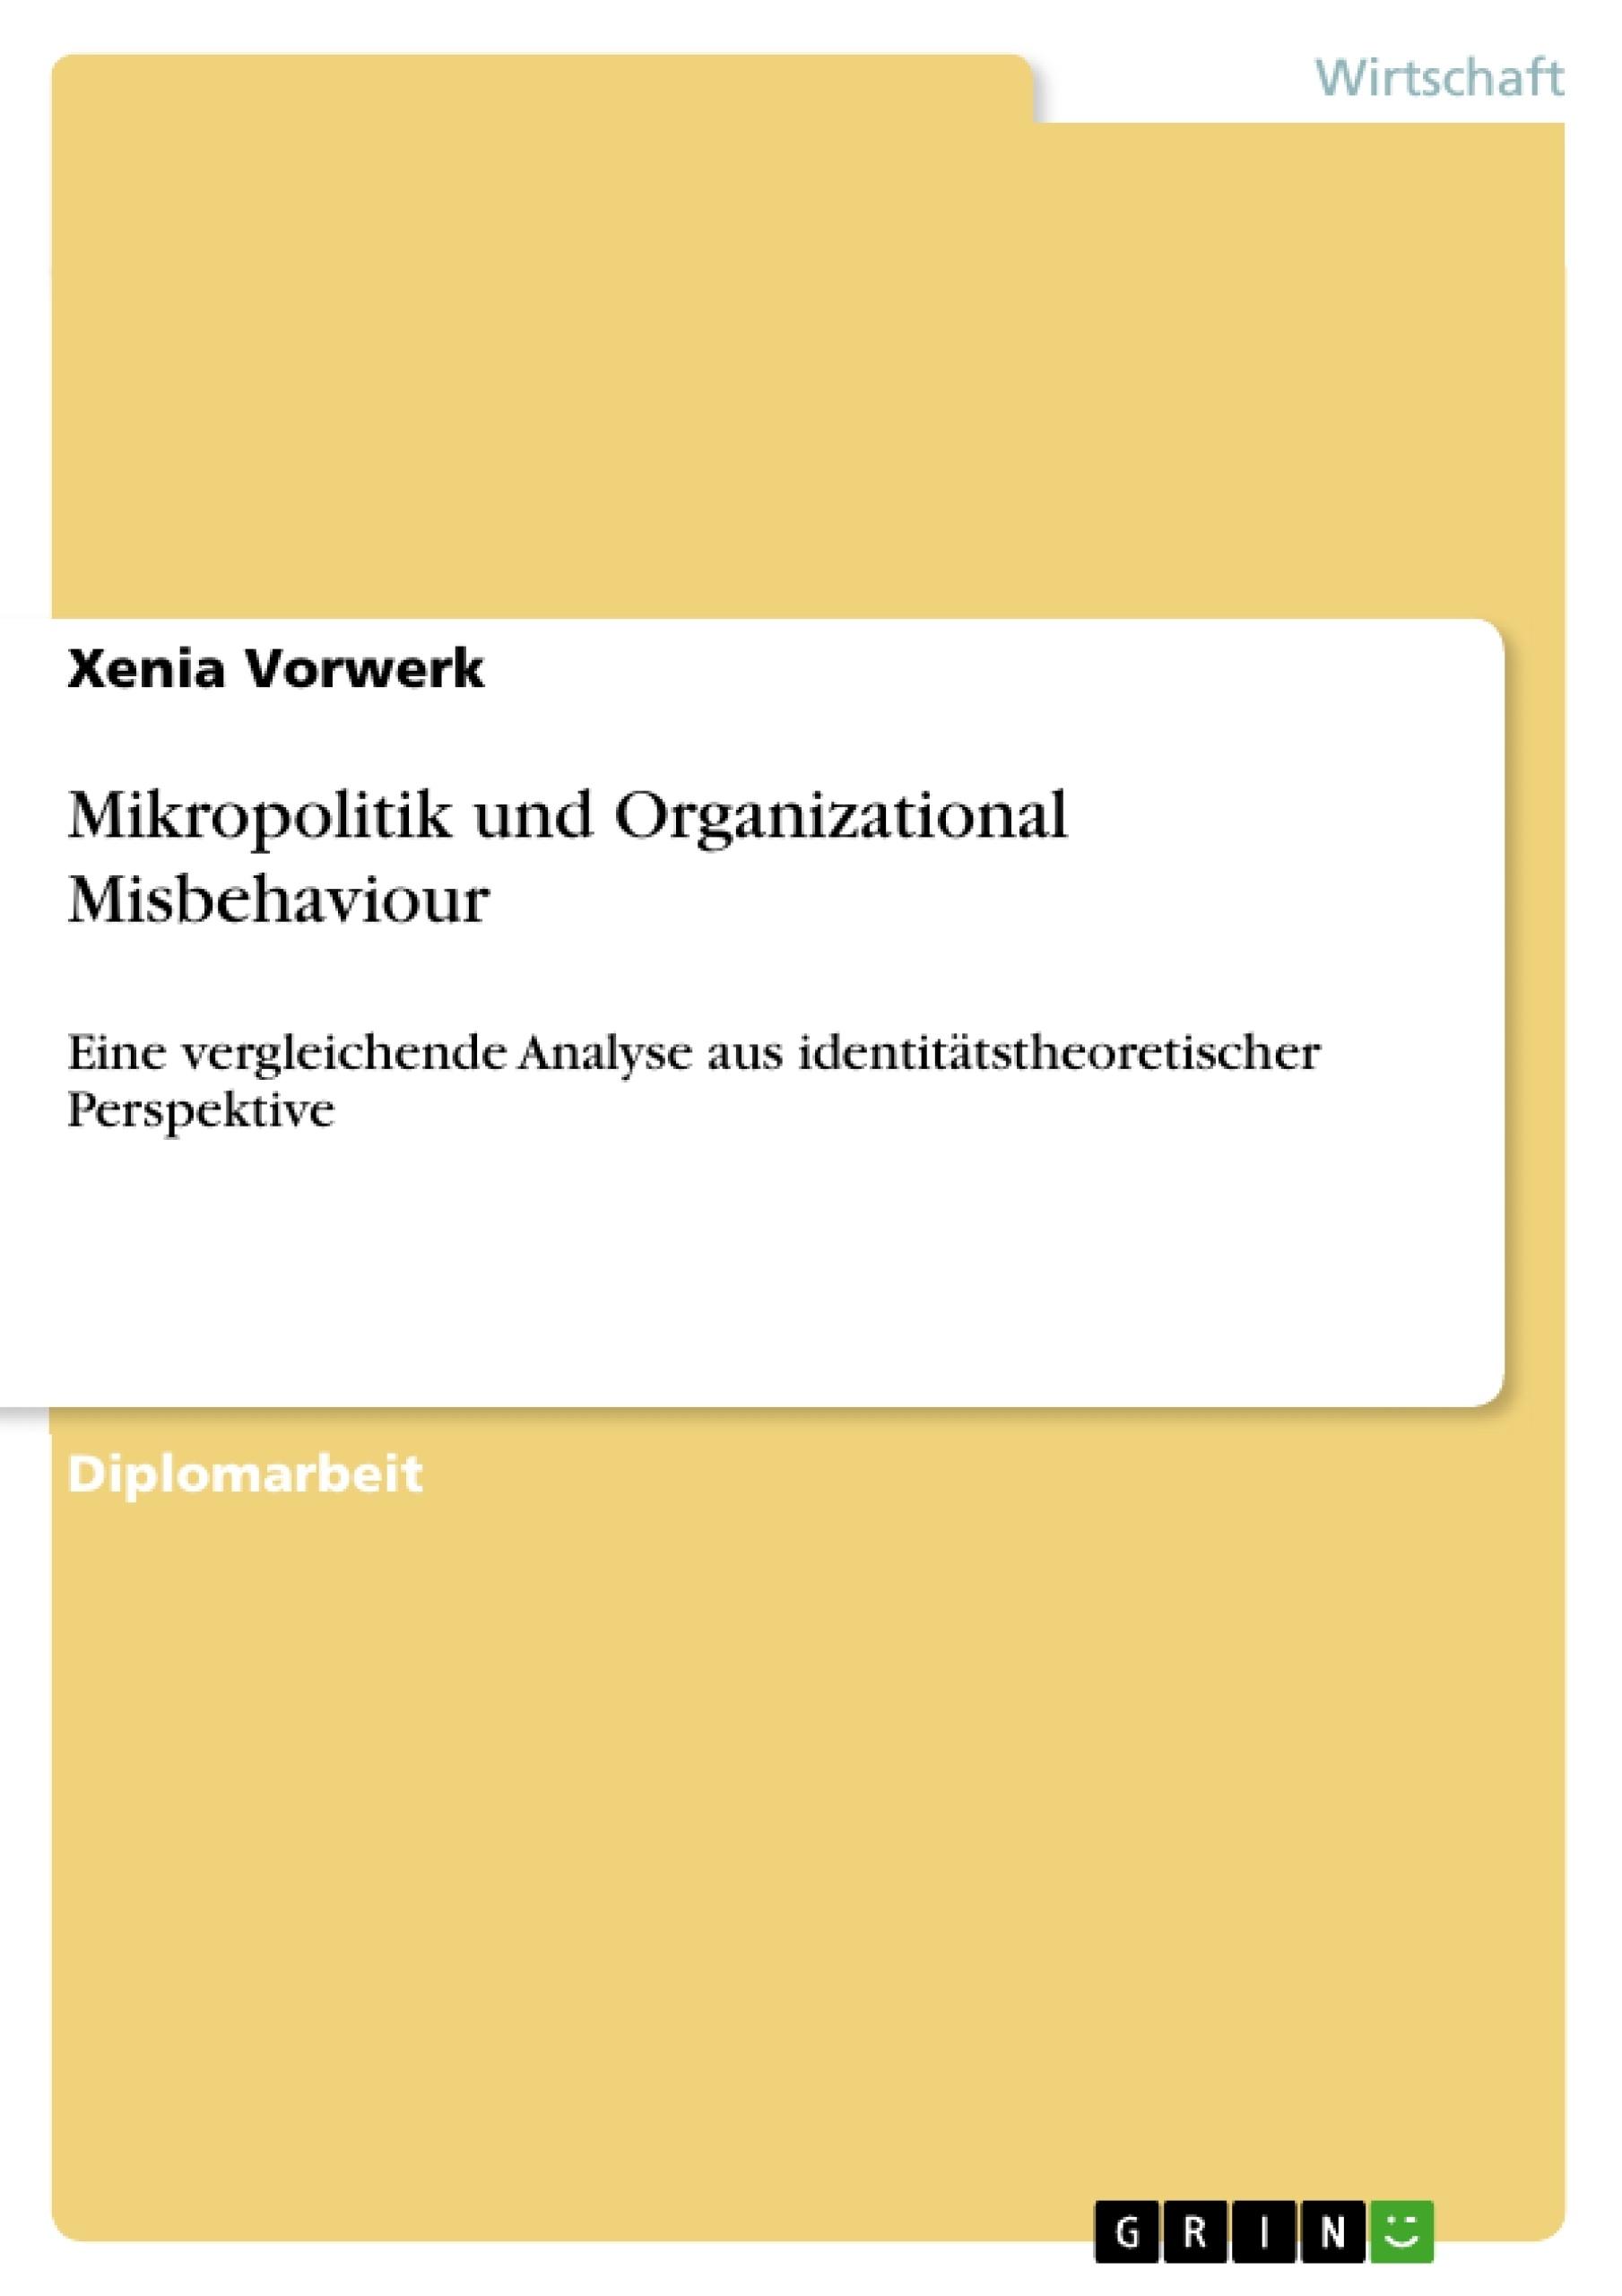 Titel: Mikropolitik und Organizational Misbehaviour